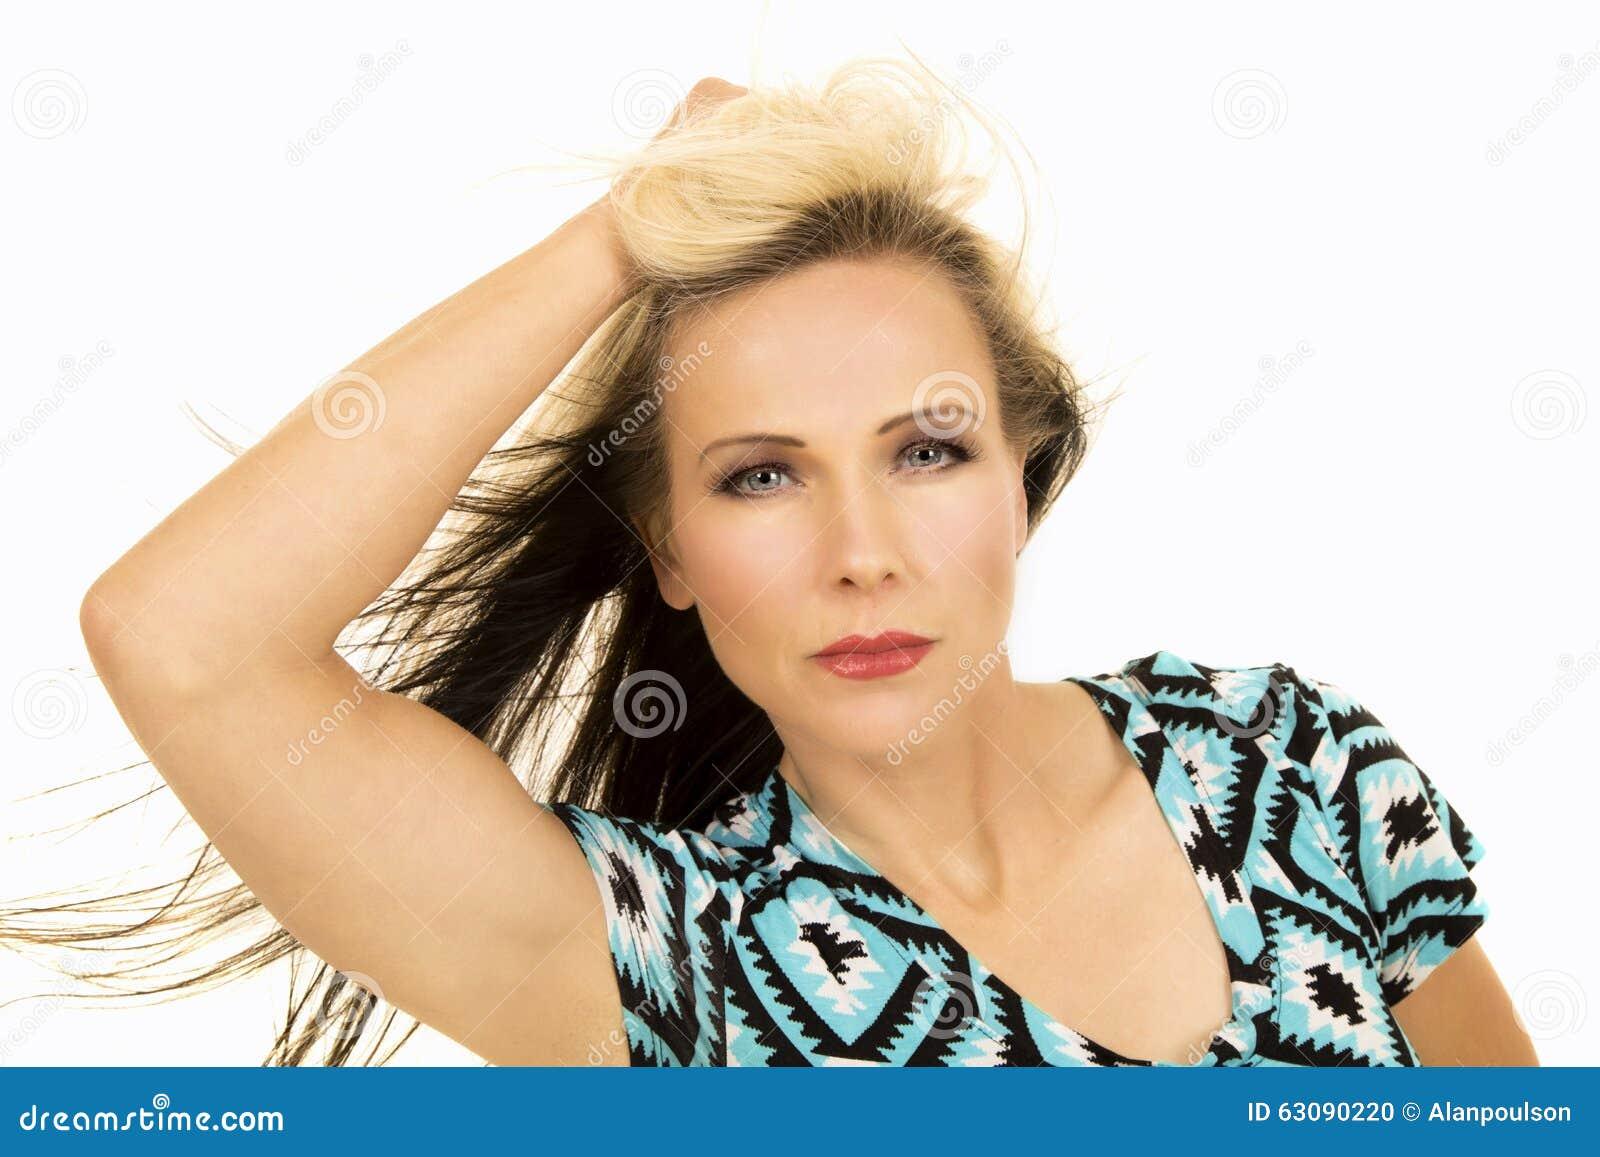 Download Femme Dans La Main Noire Et Bleue De Fin De Chemise Dans Le Regard De Cheveux Photo stock - Image du blond, beau: 63090220